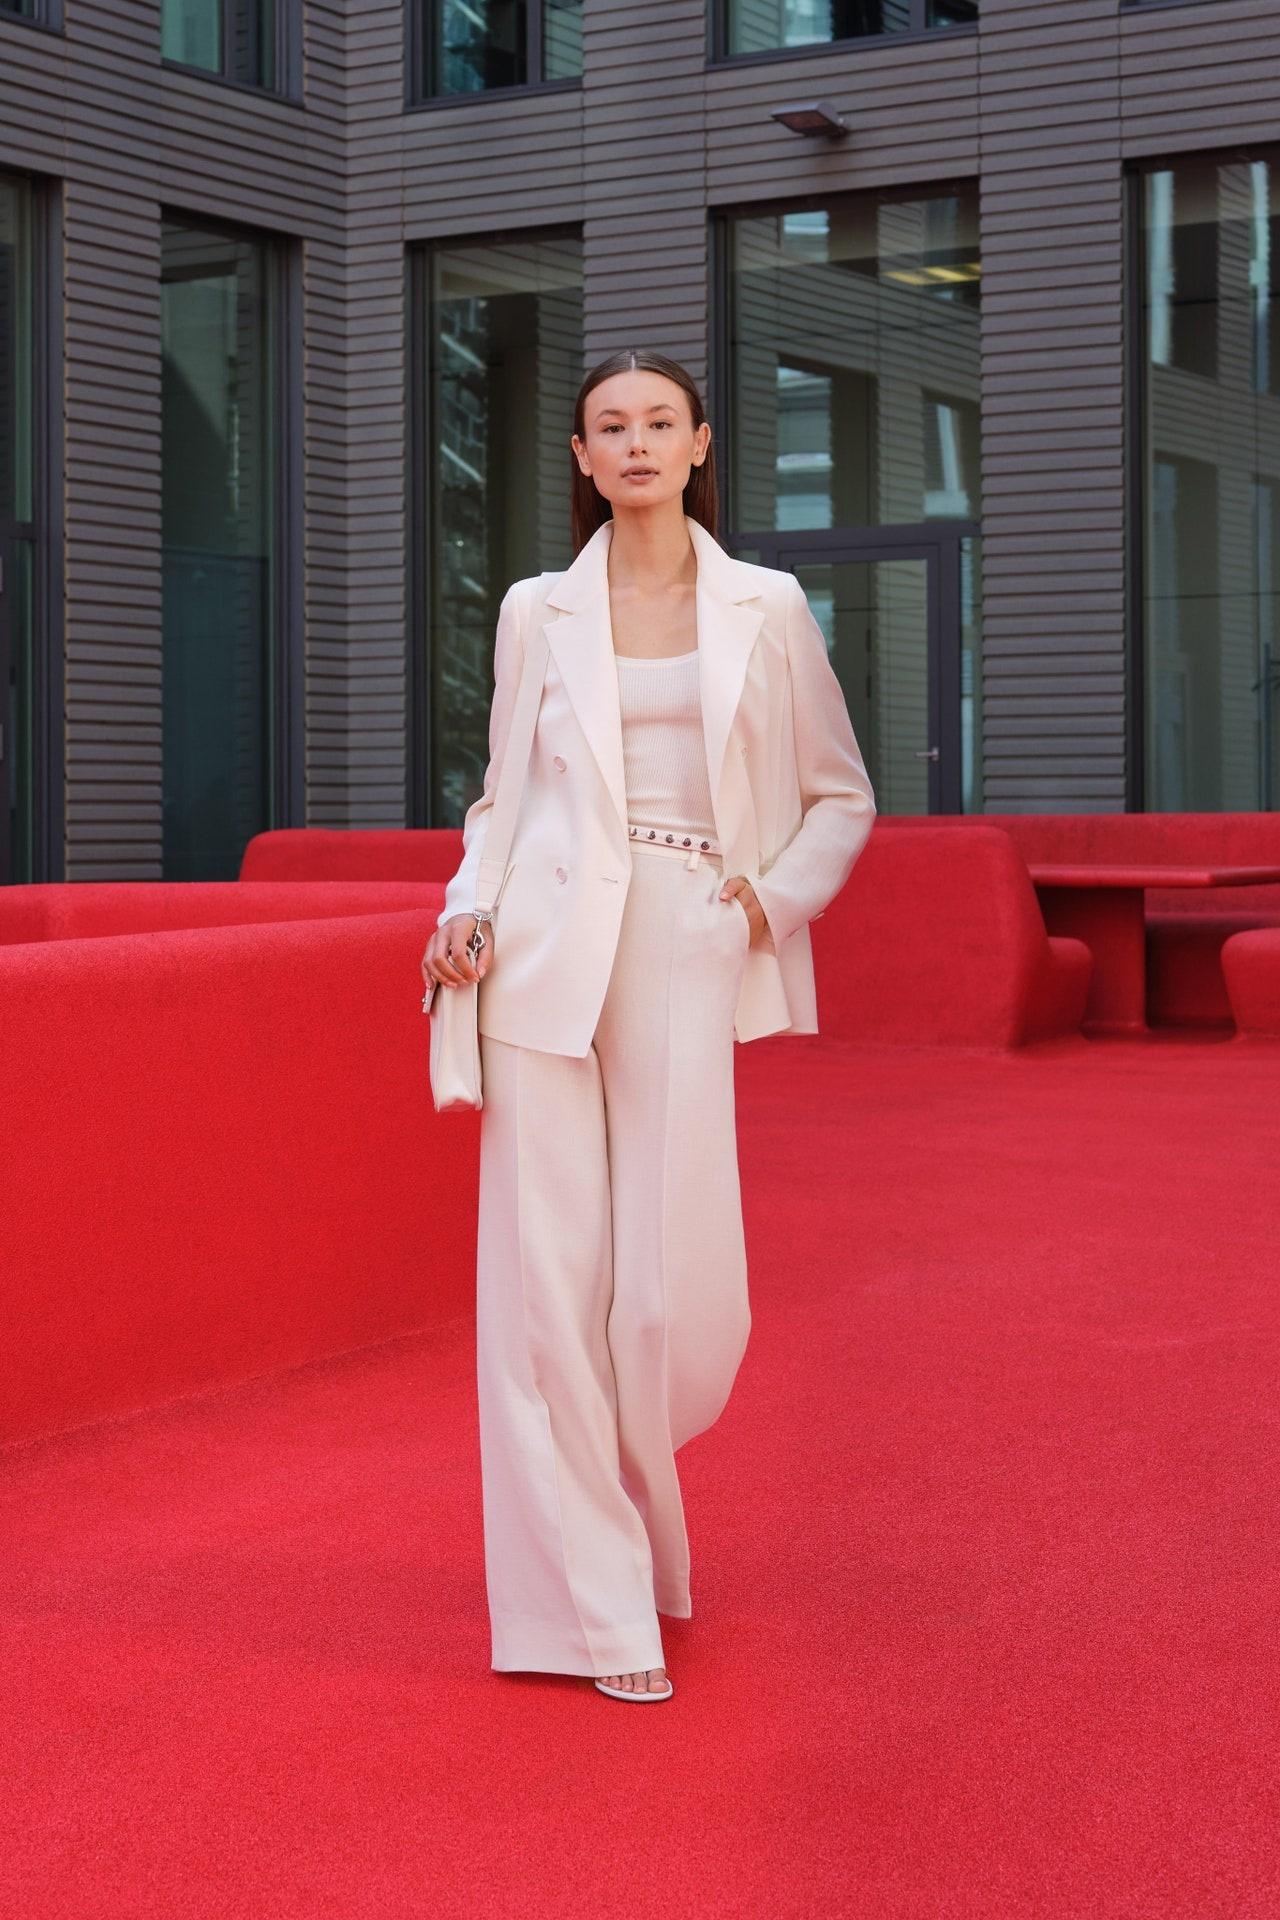 Akris Paris fashion week spring/ summer 2022